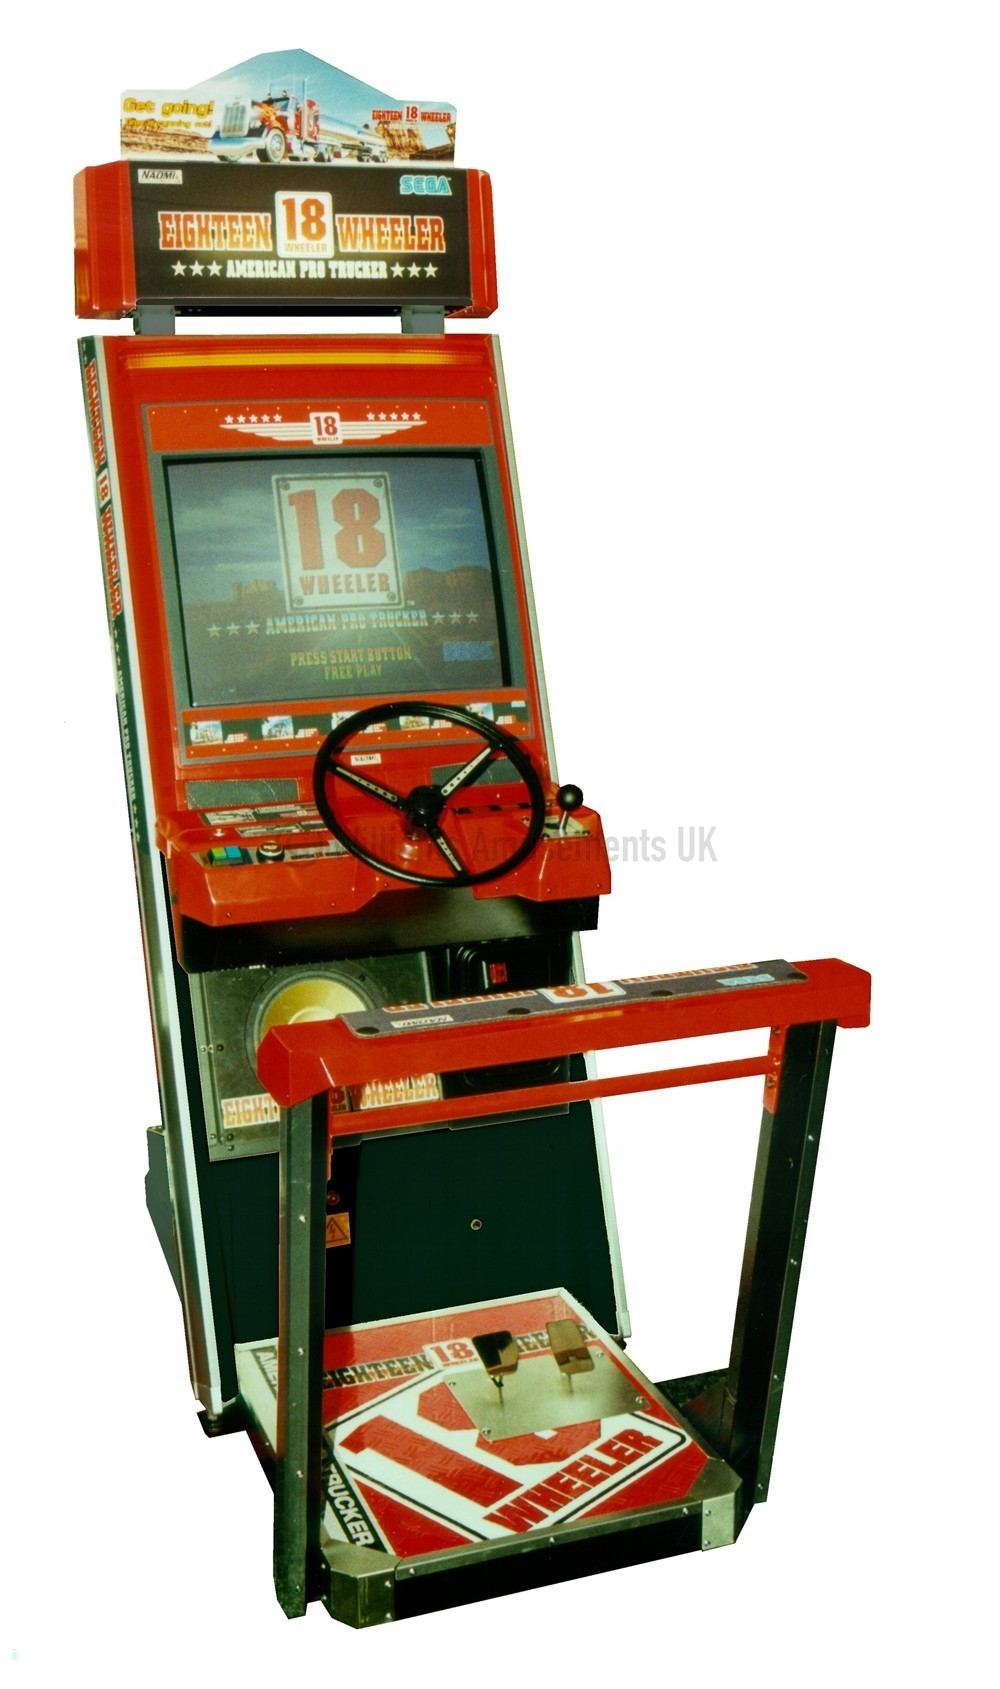 Sega 18 Wheeler Arcade Game For Sale